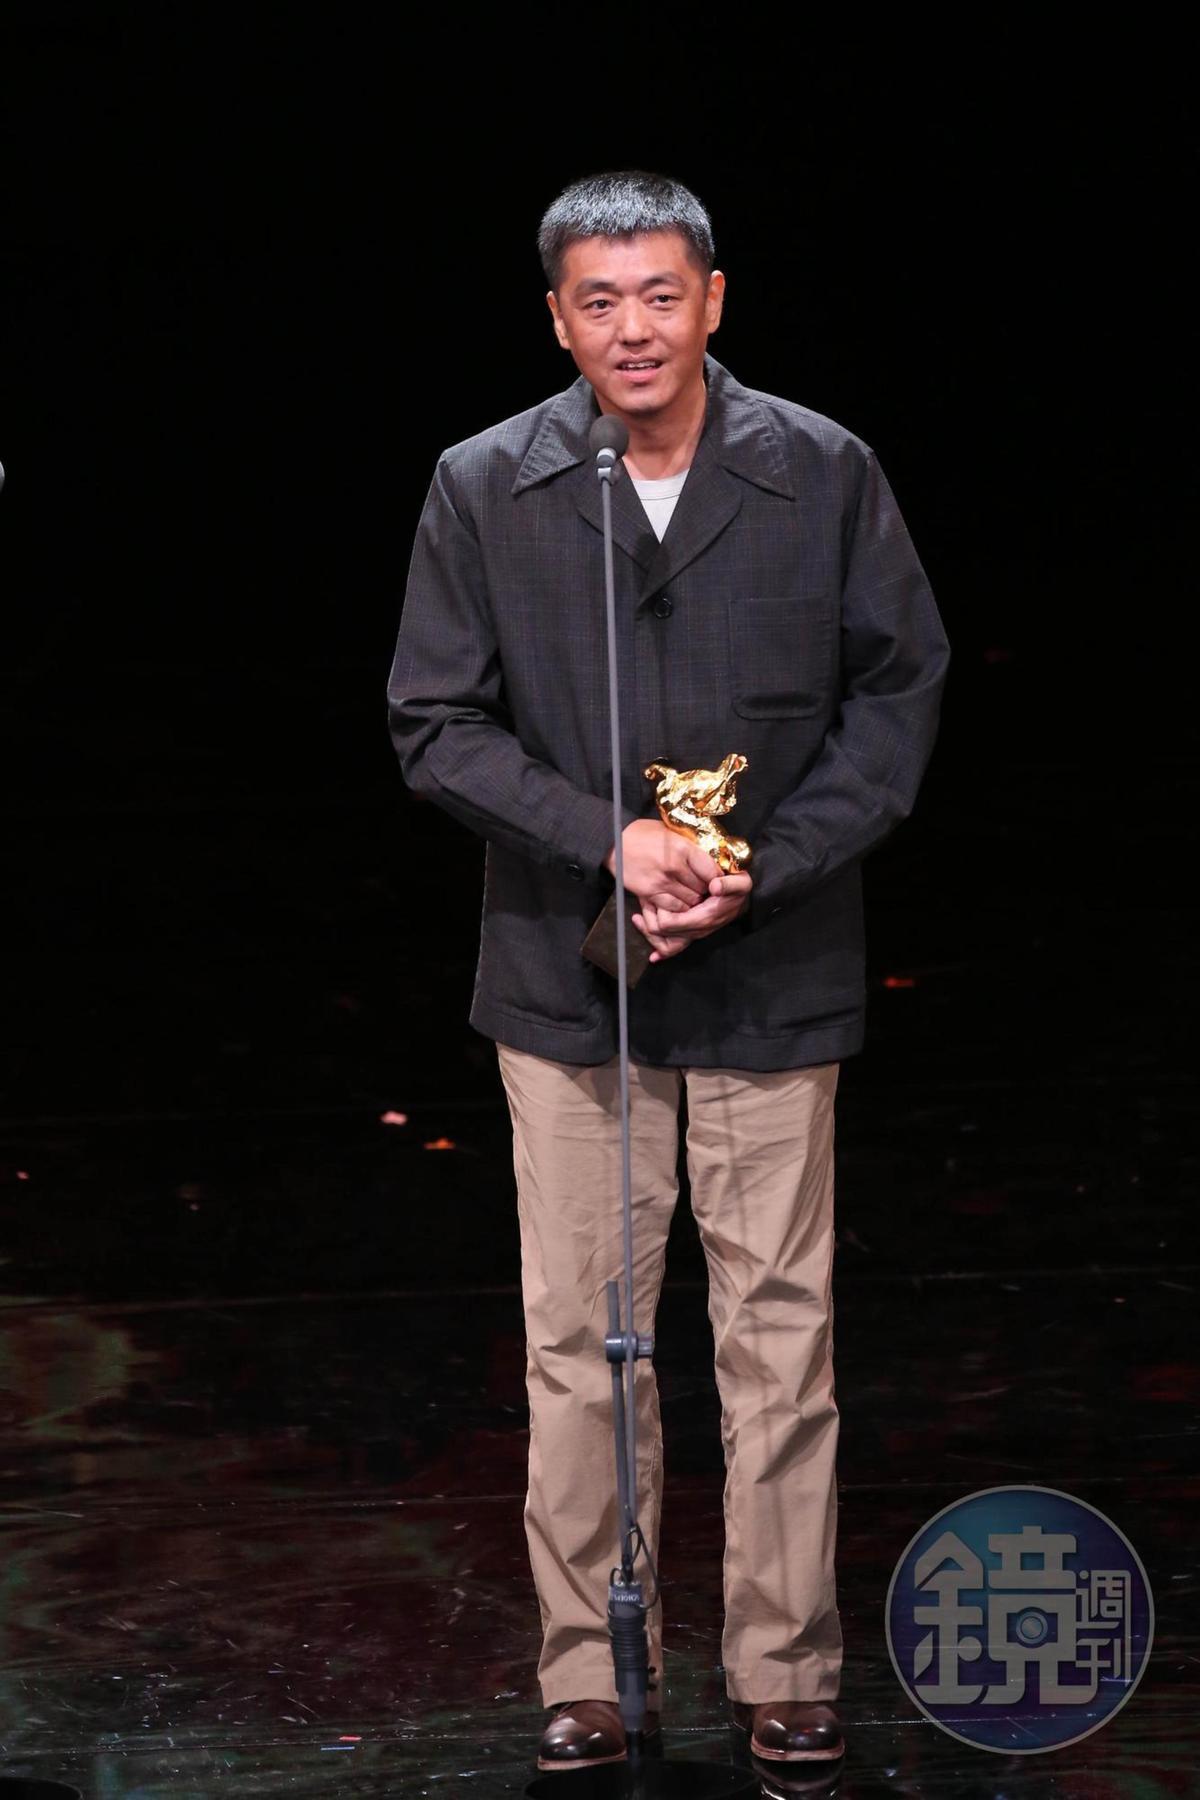 林強近年多隱身幕後從事電影配樂等音樂工作,他也是去年金馬獎的最佳原創音樂獎得主。